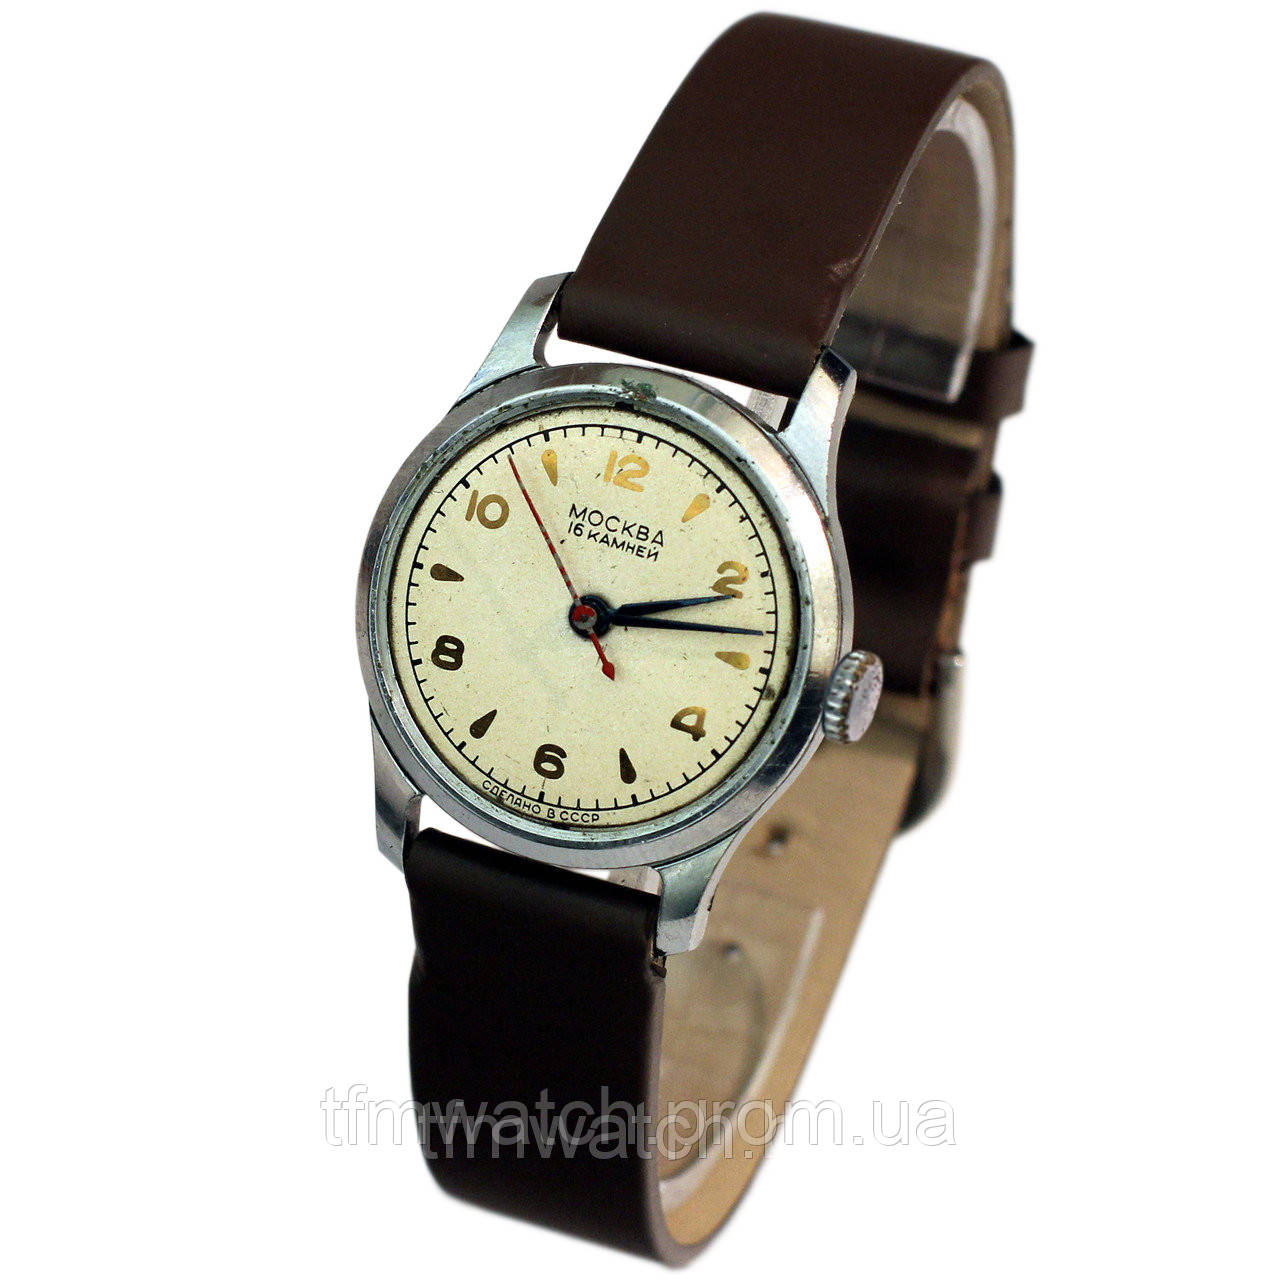 Винтажные часы продать стоимость час расшифровки